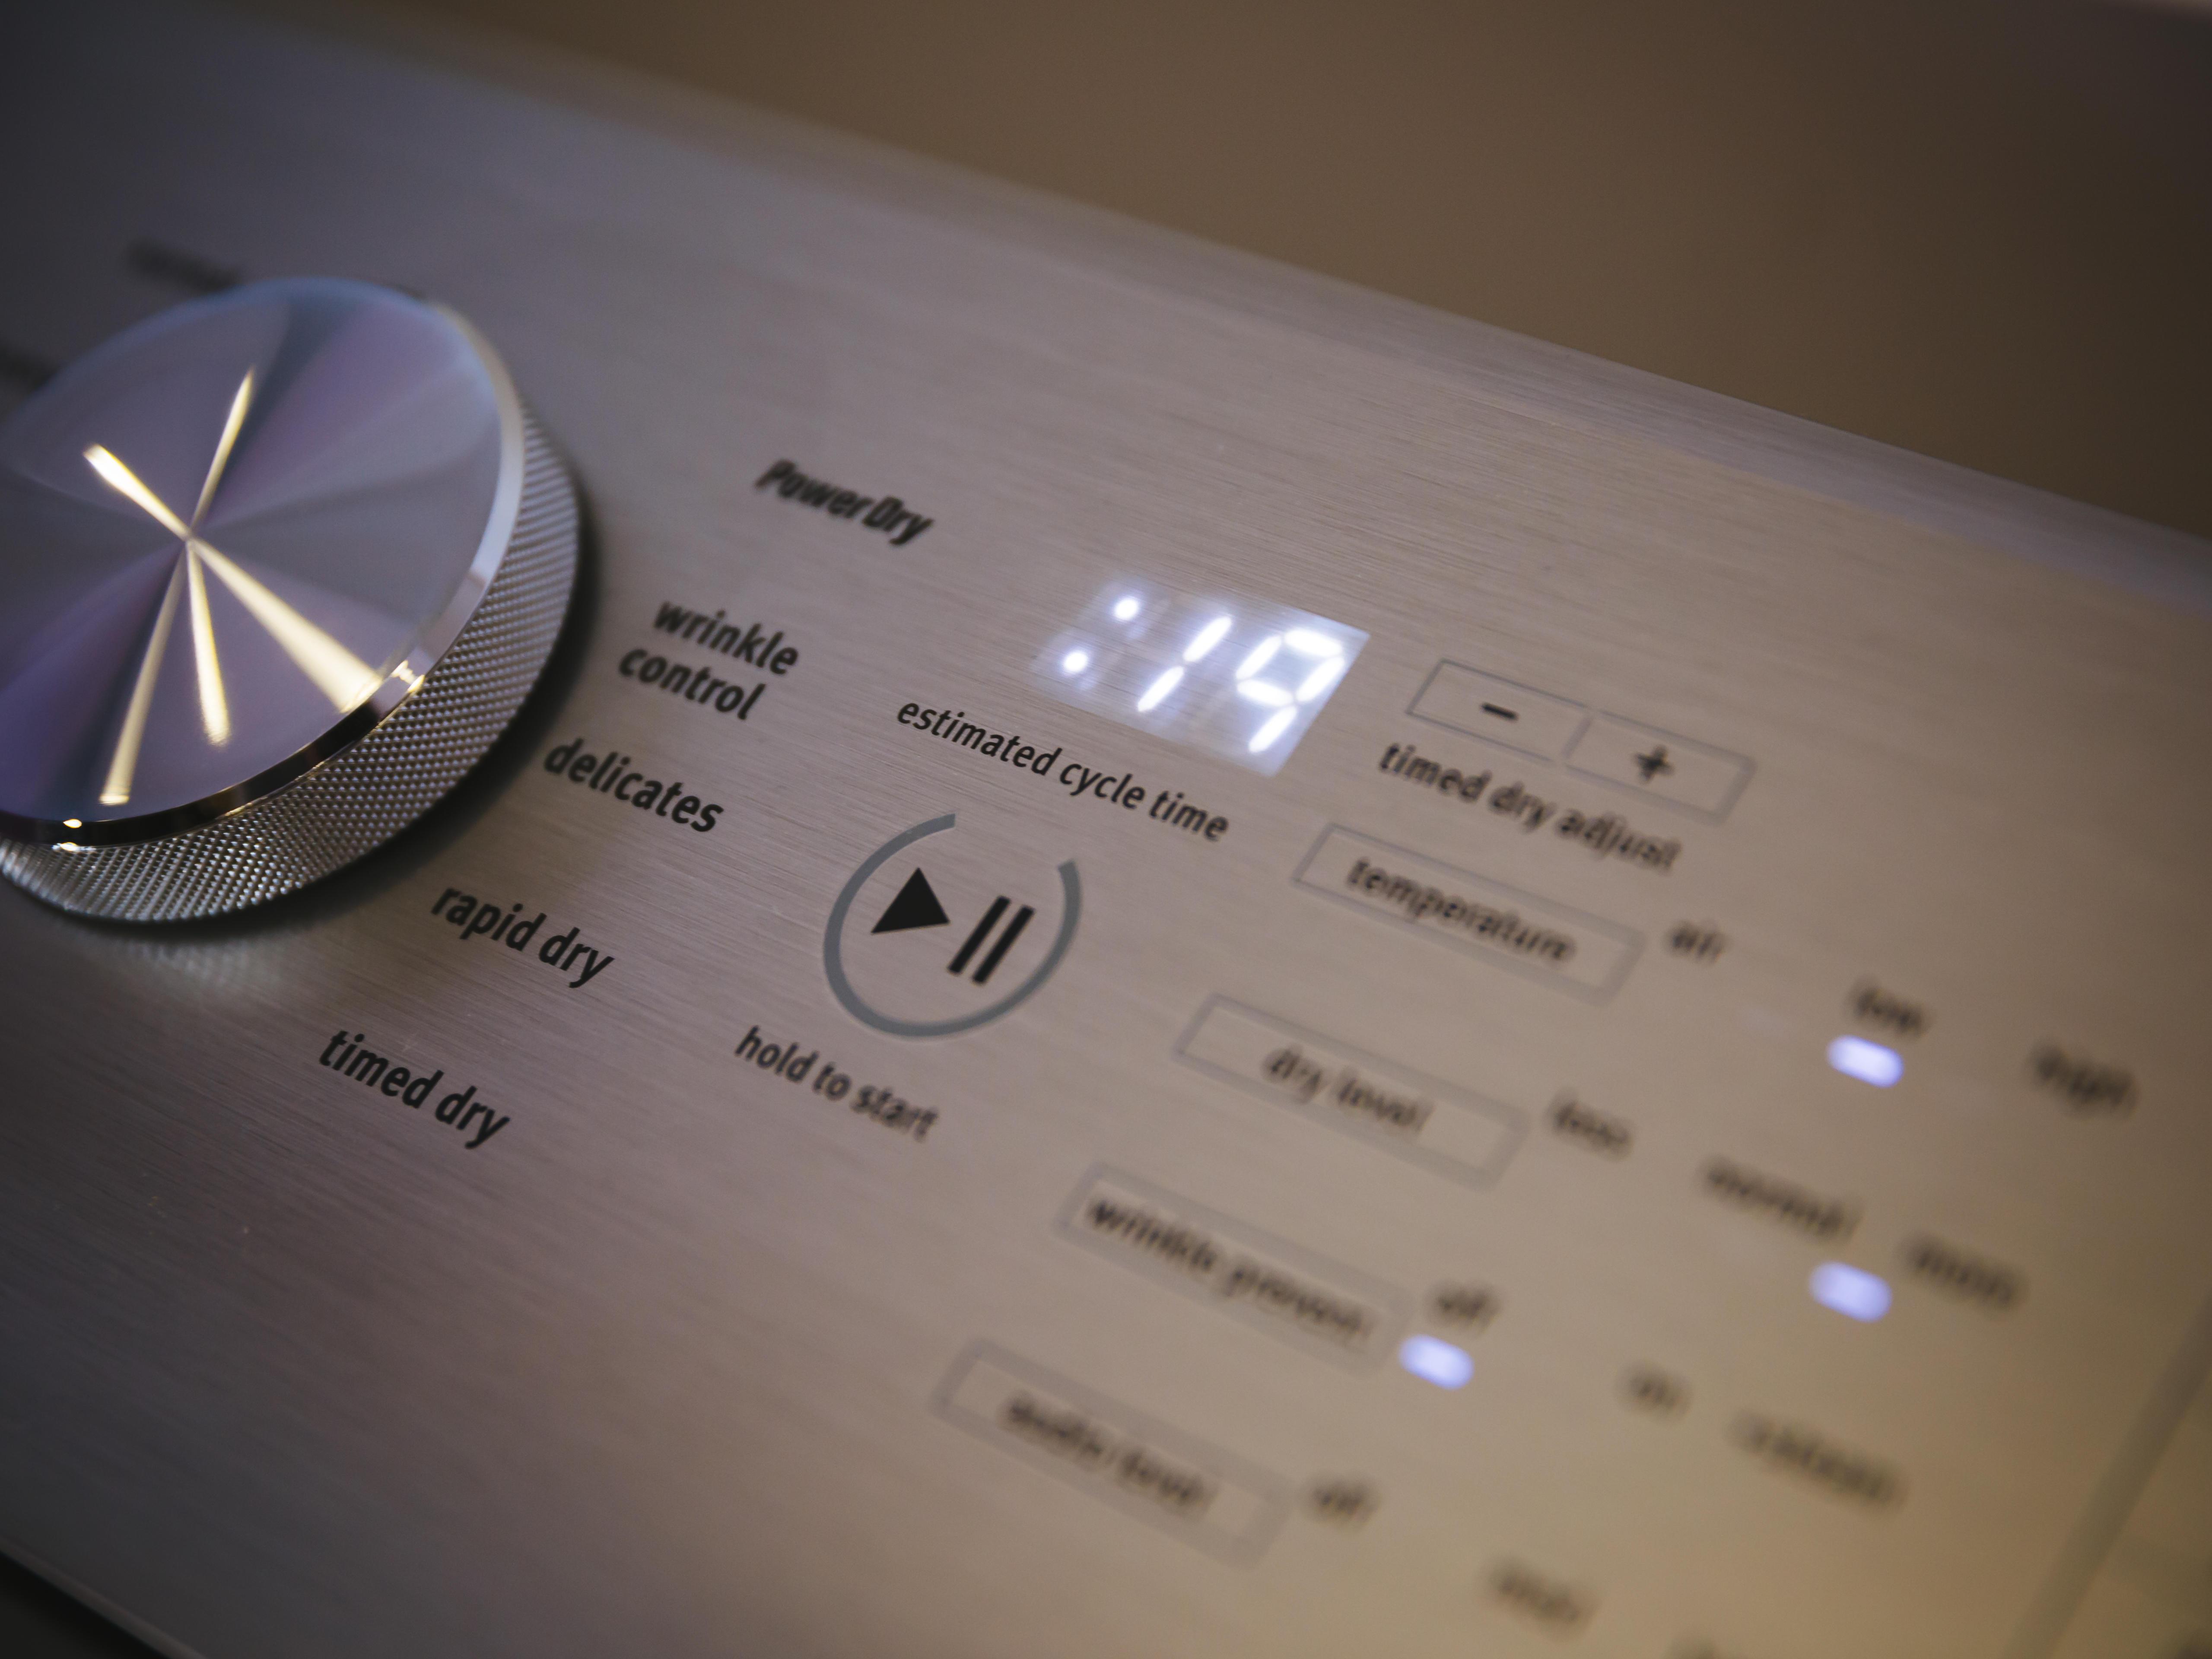 maytag-medb955fc-dryer-product-photos-7